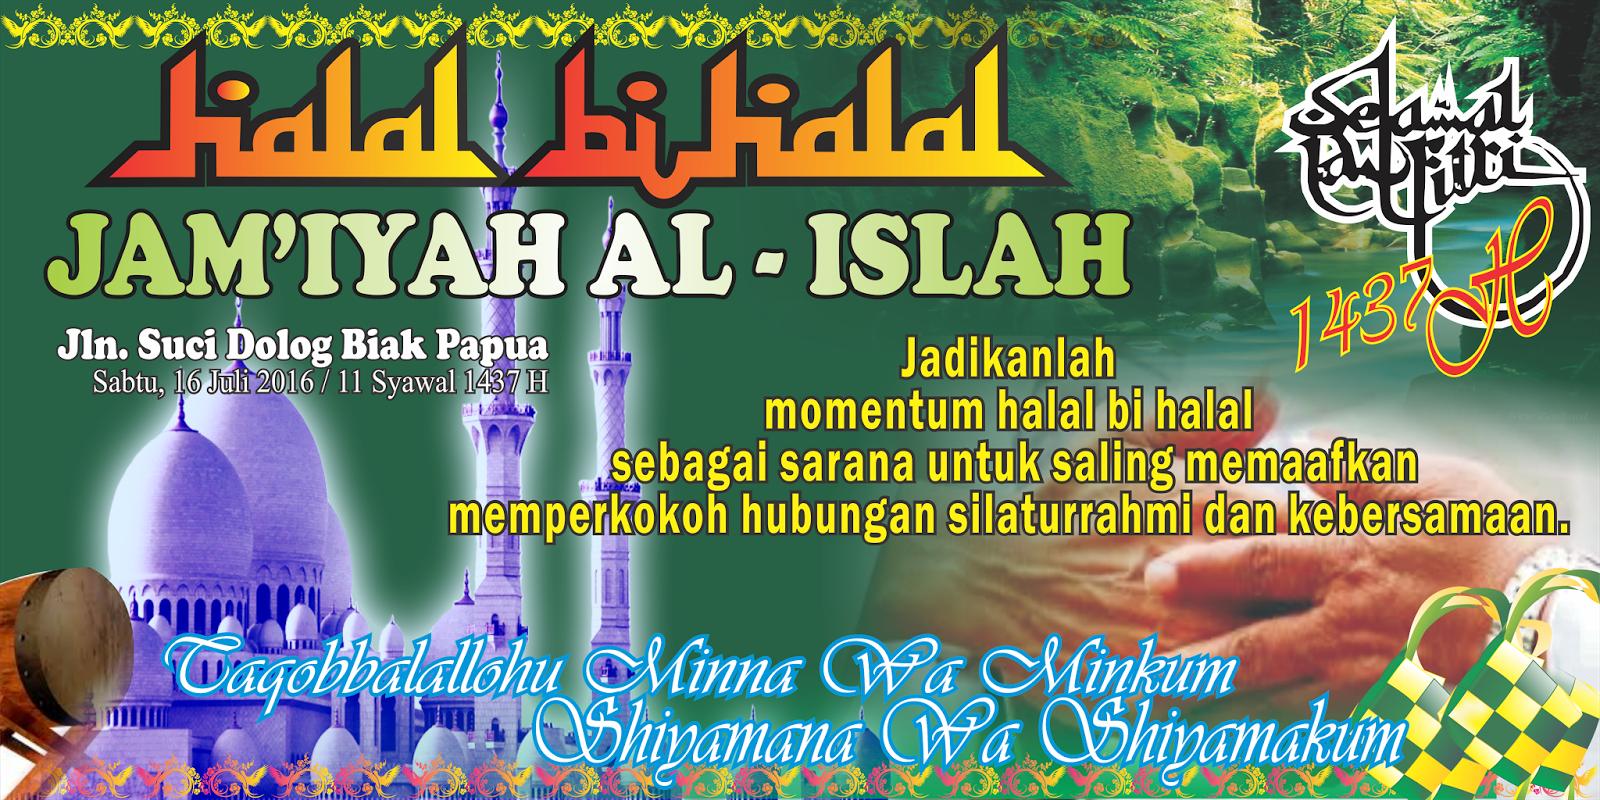 Halal Bi Halal Cdr Kumpulan Desain Spanduk Free Download